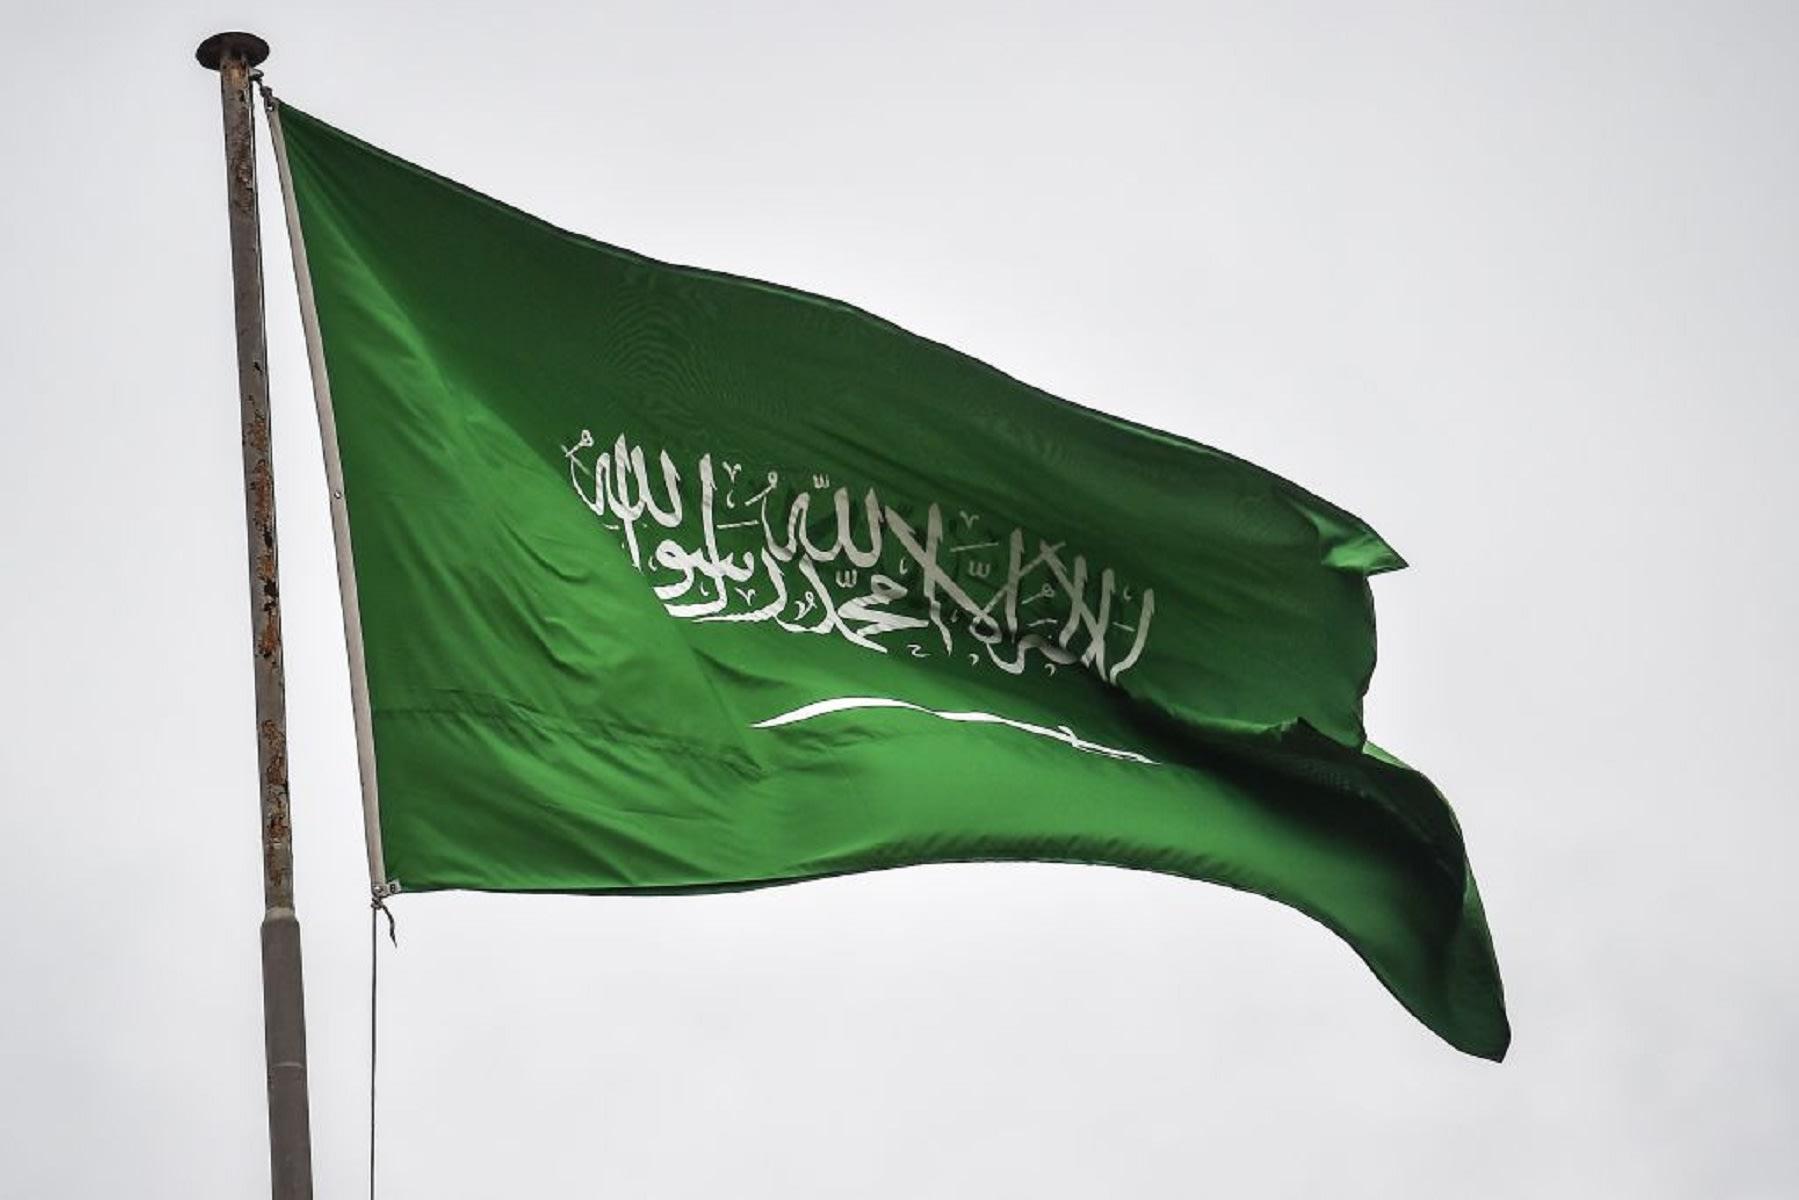 """السعودية: تقارير """"تعذيب معتقلين"""" في المملكة لا أساس لها من الصحة"""